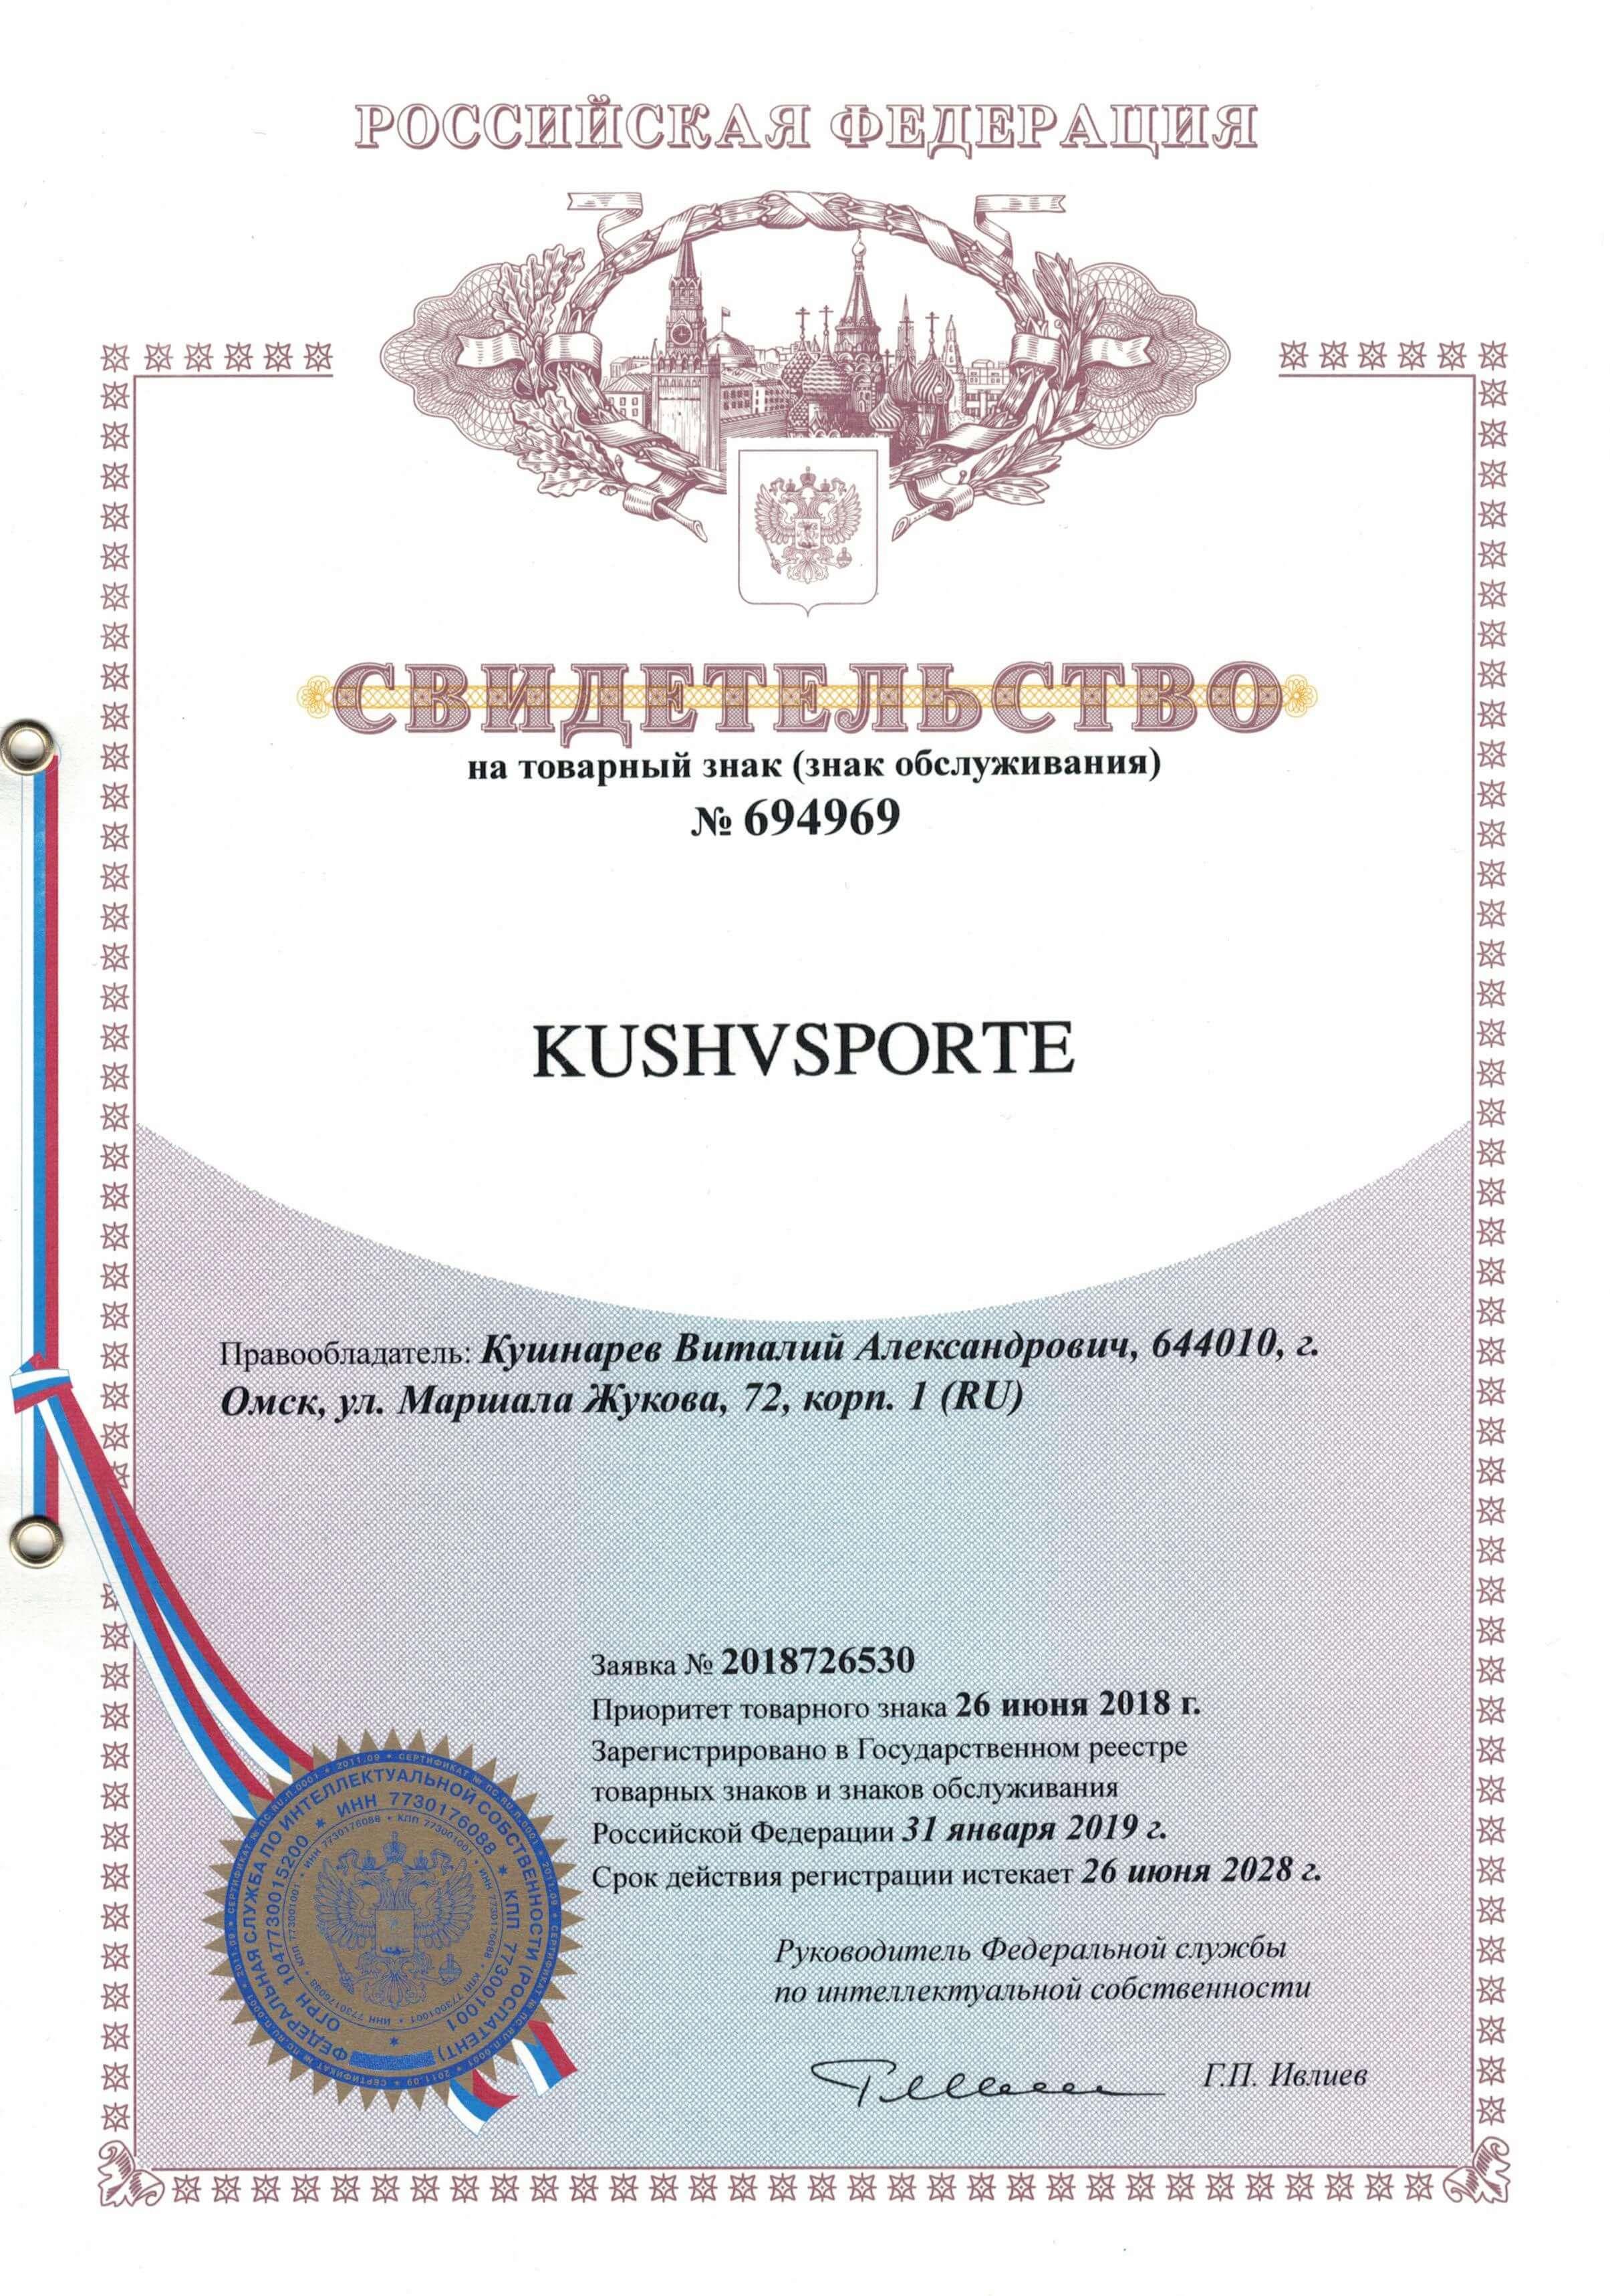 Свидетельство на товарный знак KUSHVSPORTE